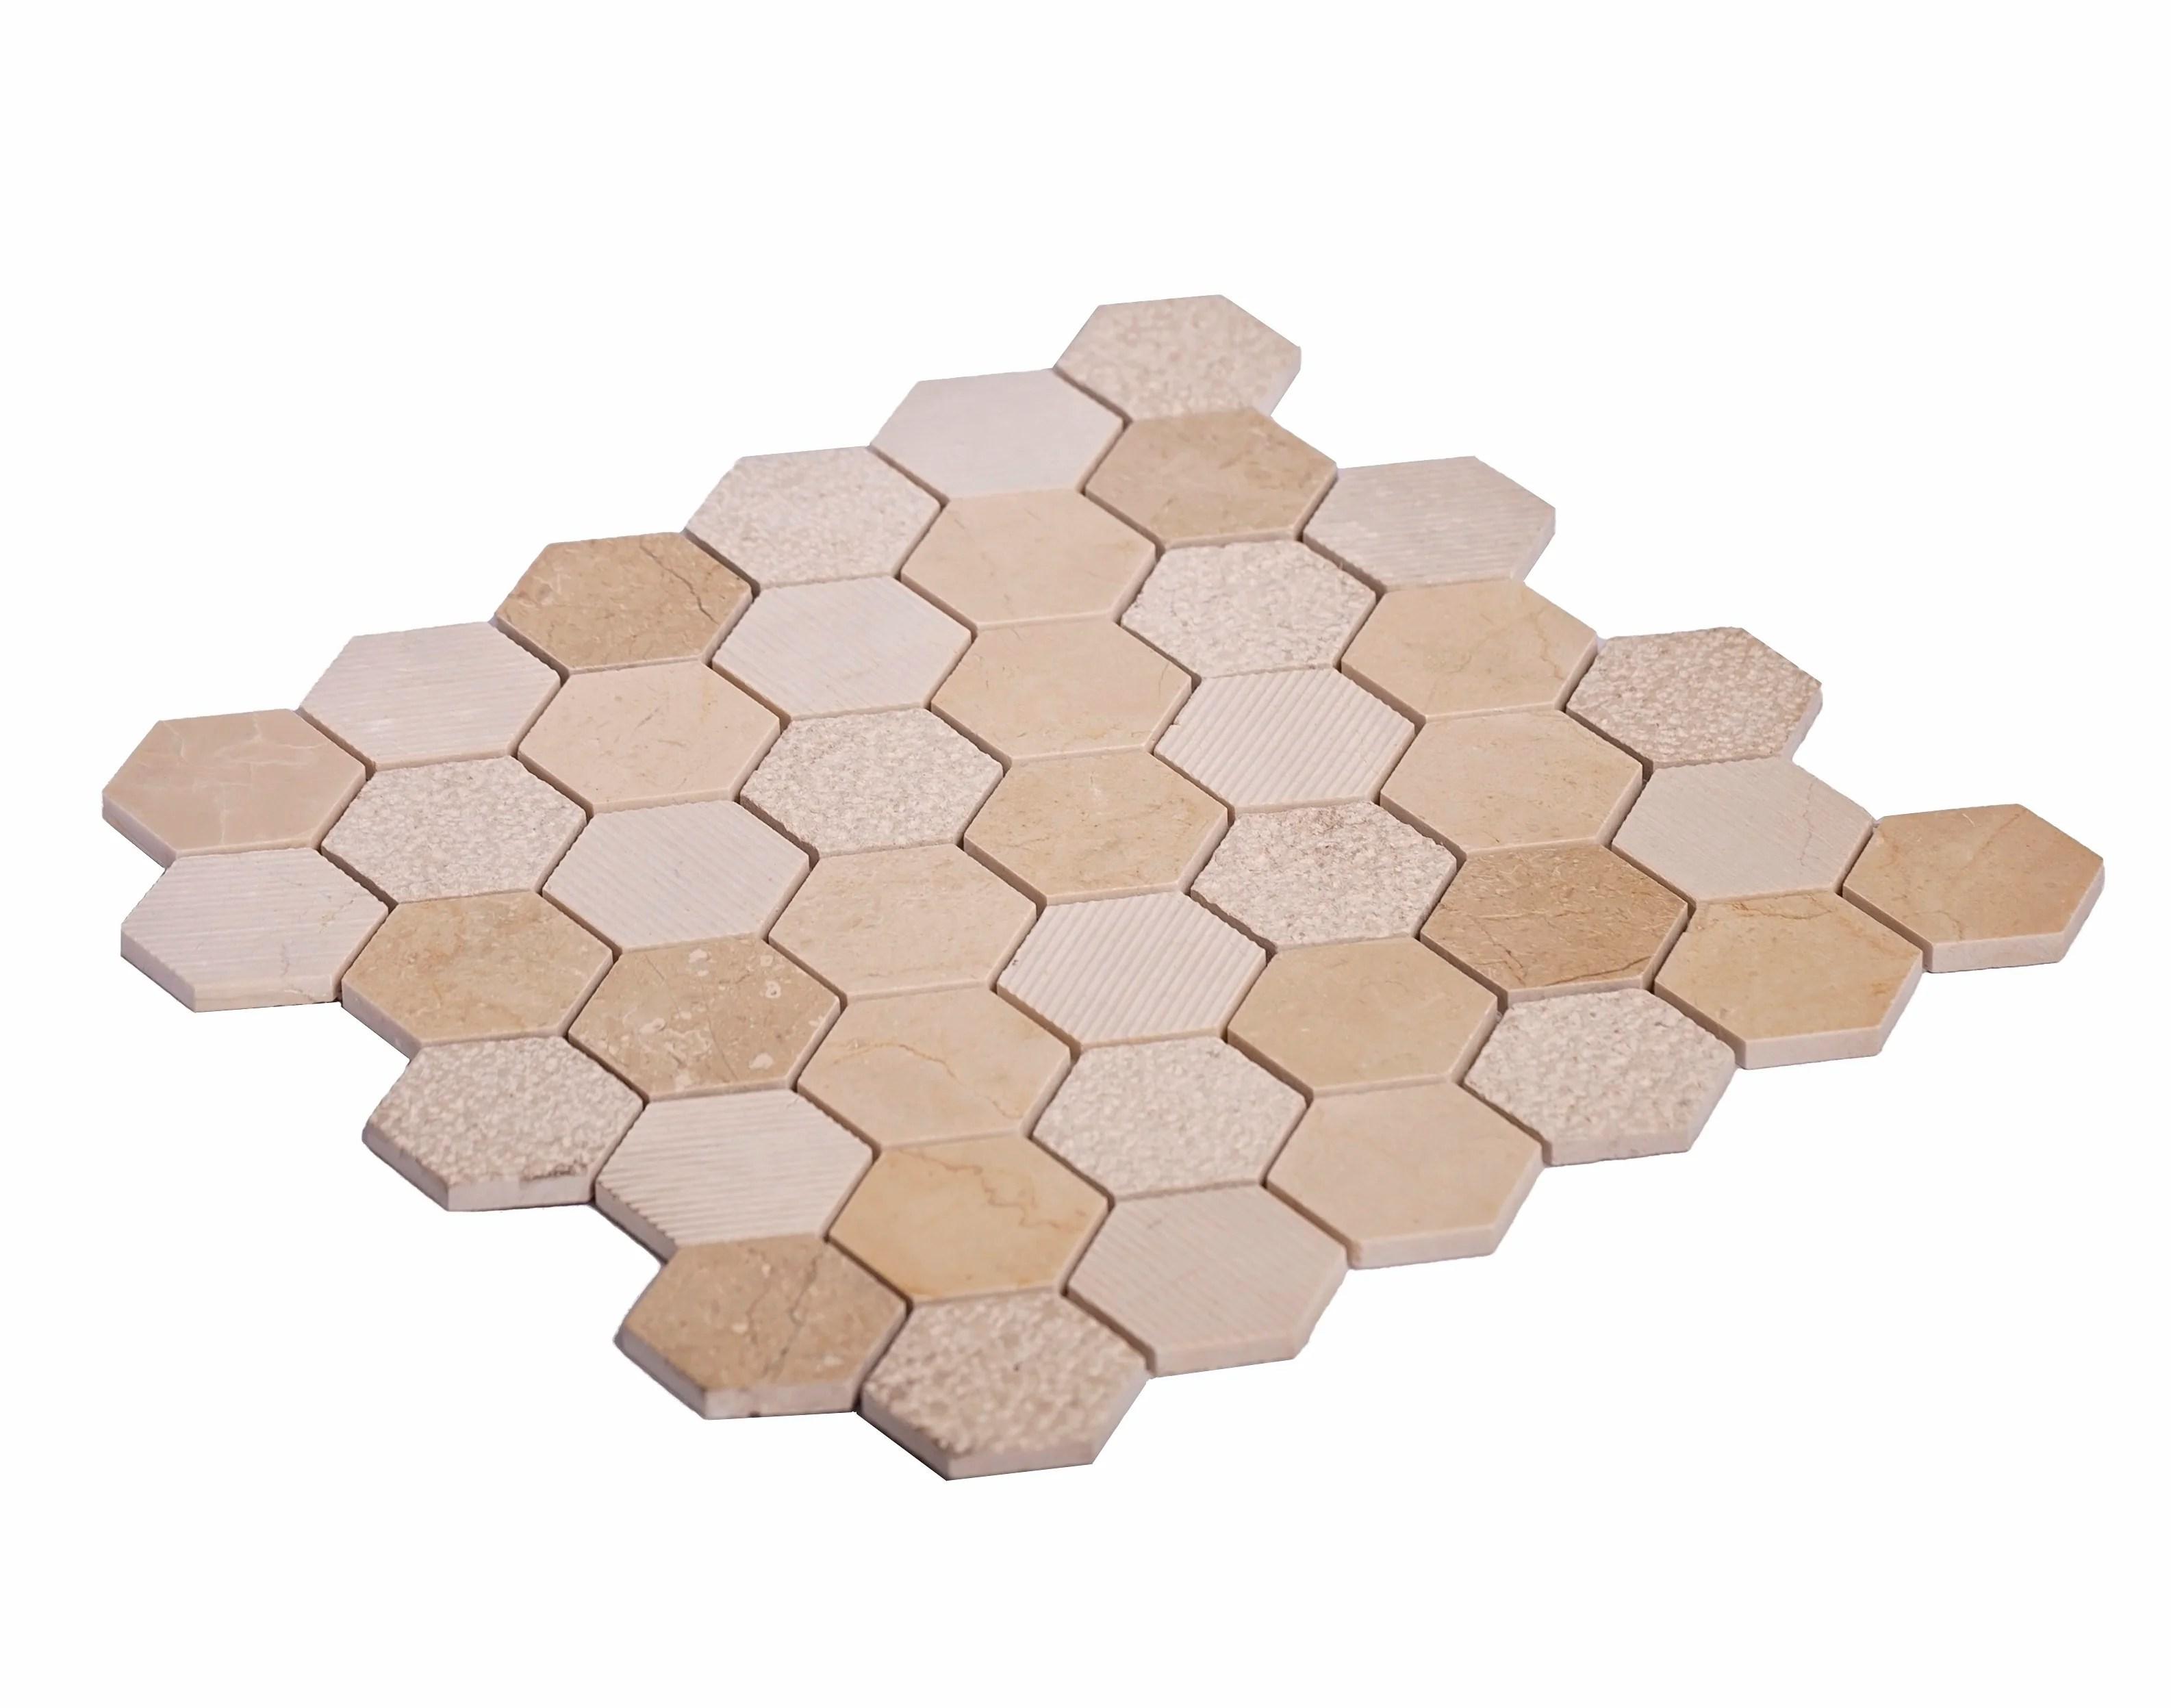 tile club 1 9 x 1 9 marble look honeycomb wall floor wayfair